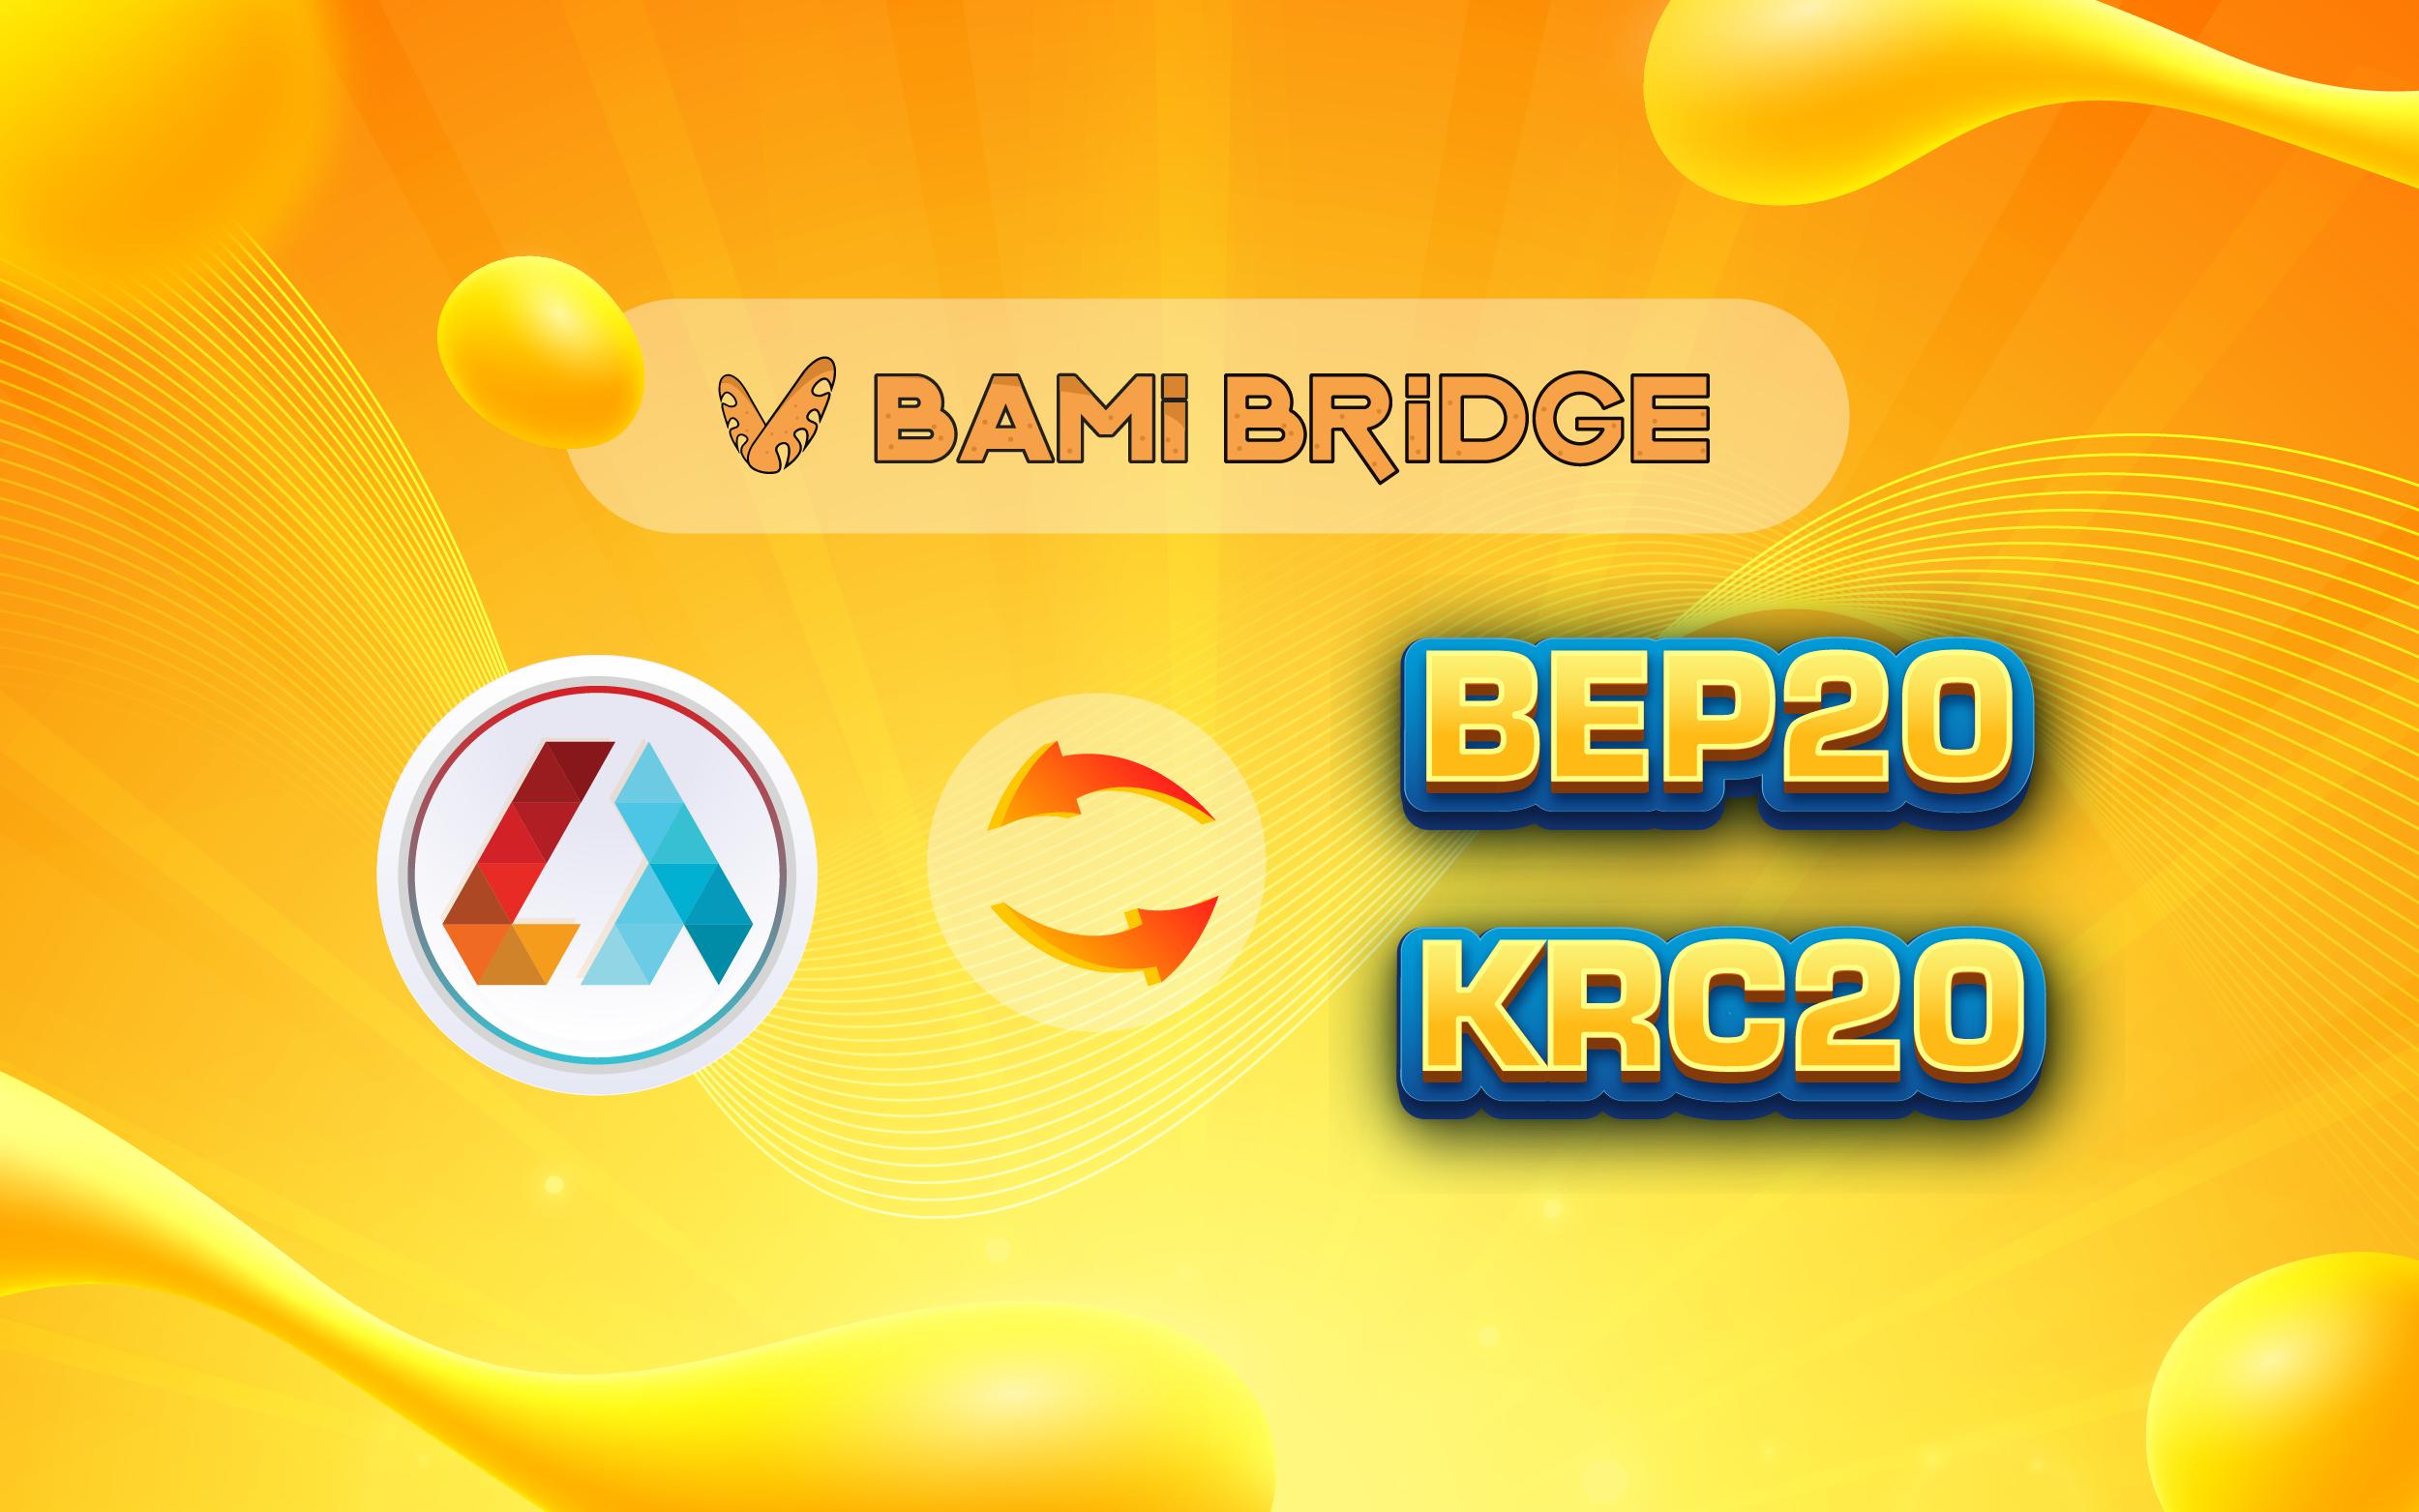 Thông báo: Chính thức hỗ trợ bridge LTD từ BEP20 sang KRC20